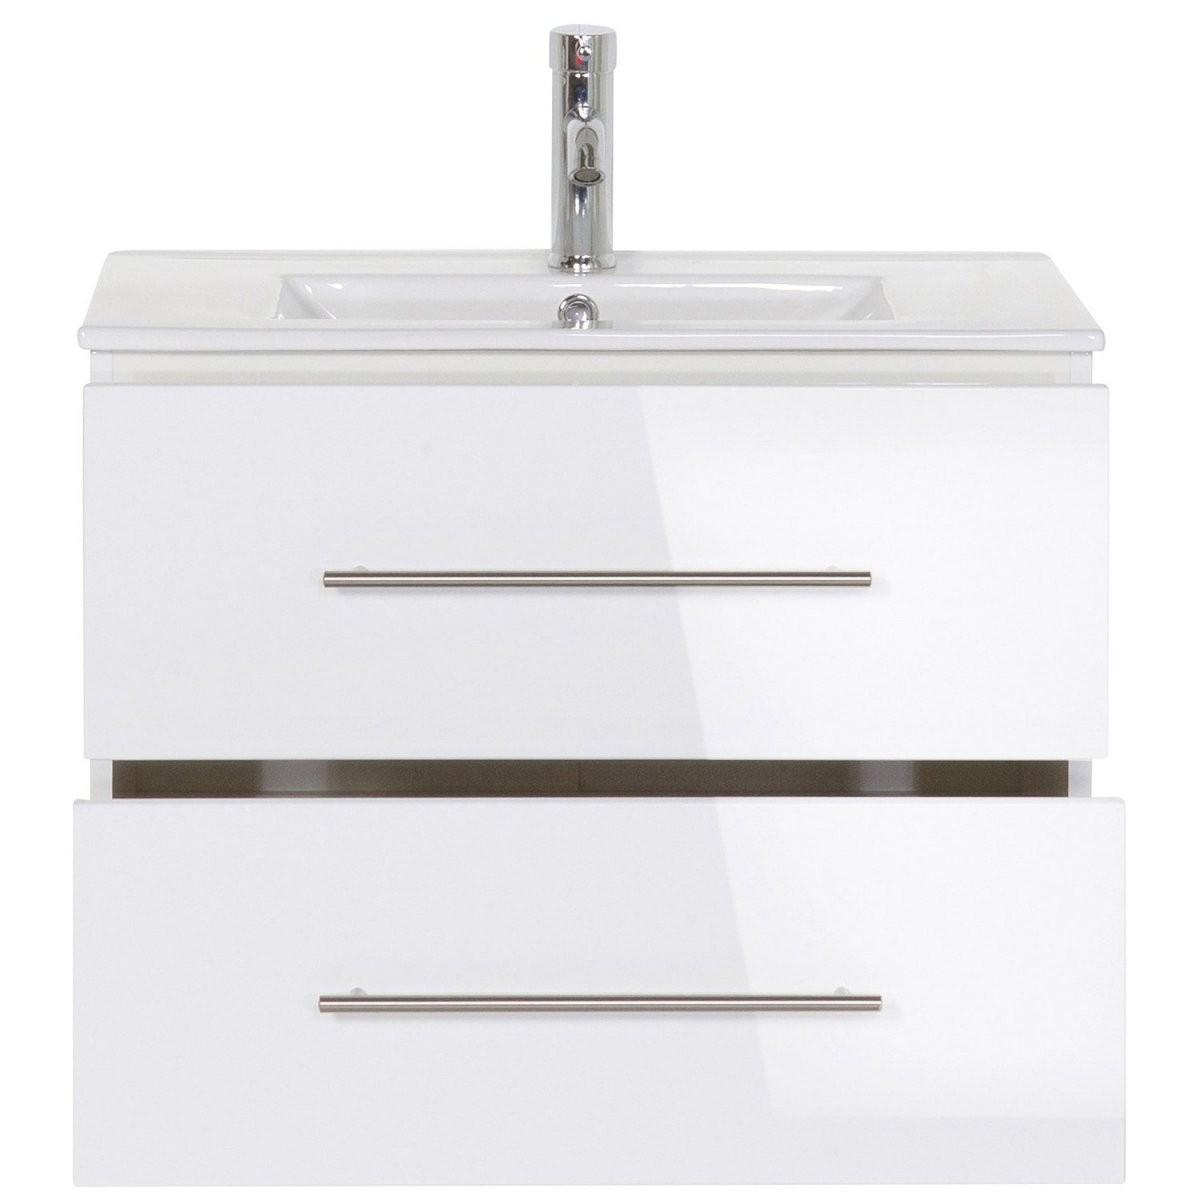 Posseik Waschplatz 70 Cm Homeline Weiß Hochglanz Kaufen Bei Obi von Waschtisch Mit Unterschrank 70 Cm Breit Bild